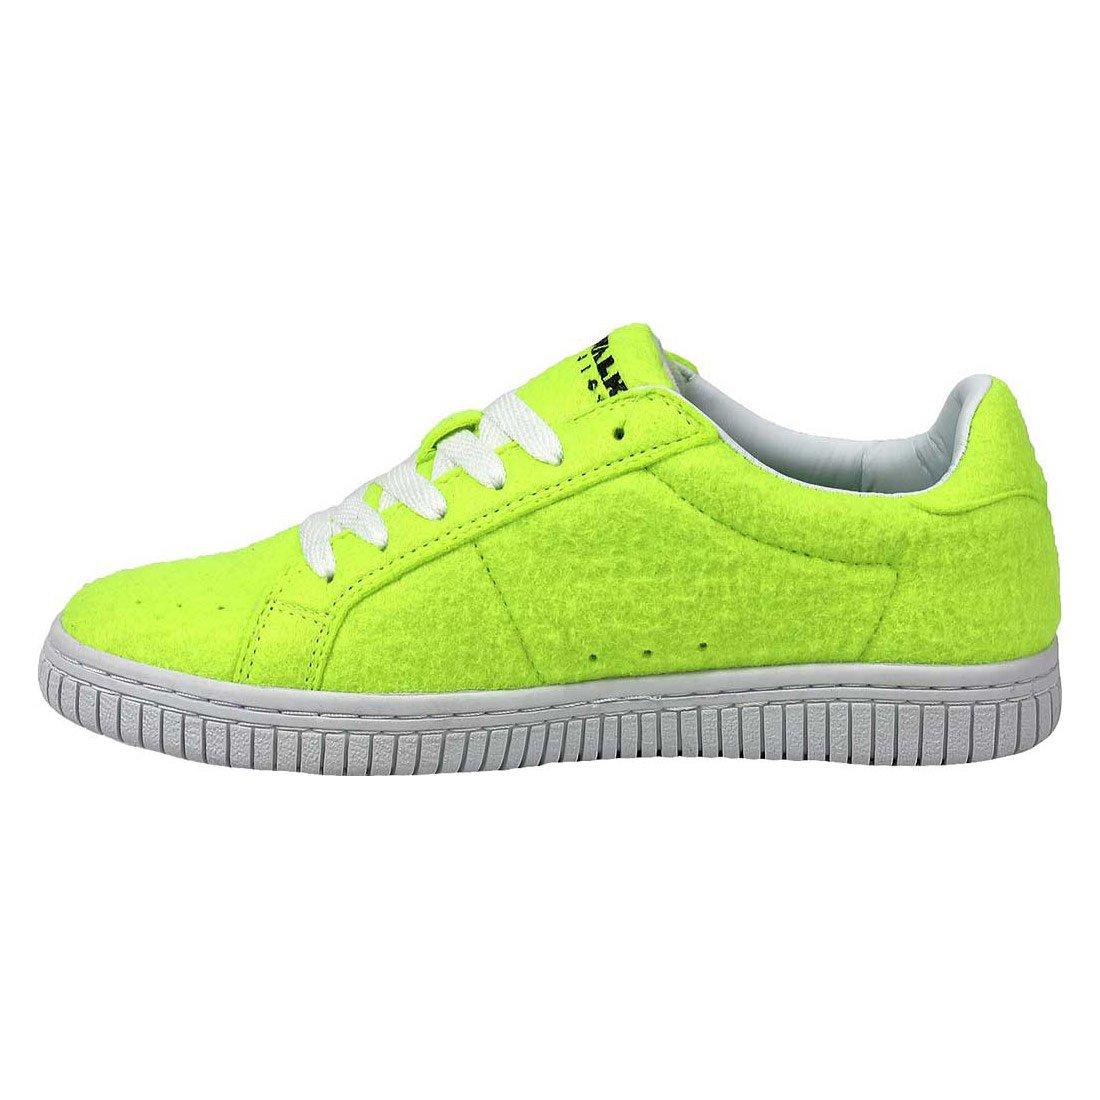 Airwalk Tennis Ball Skate Shoes